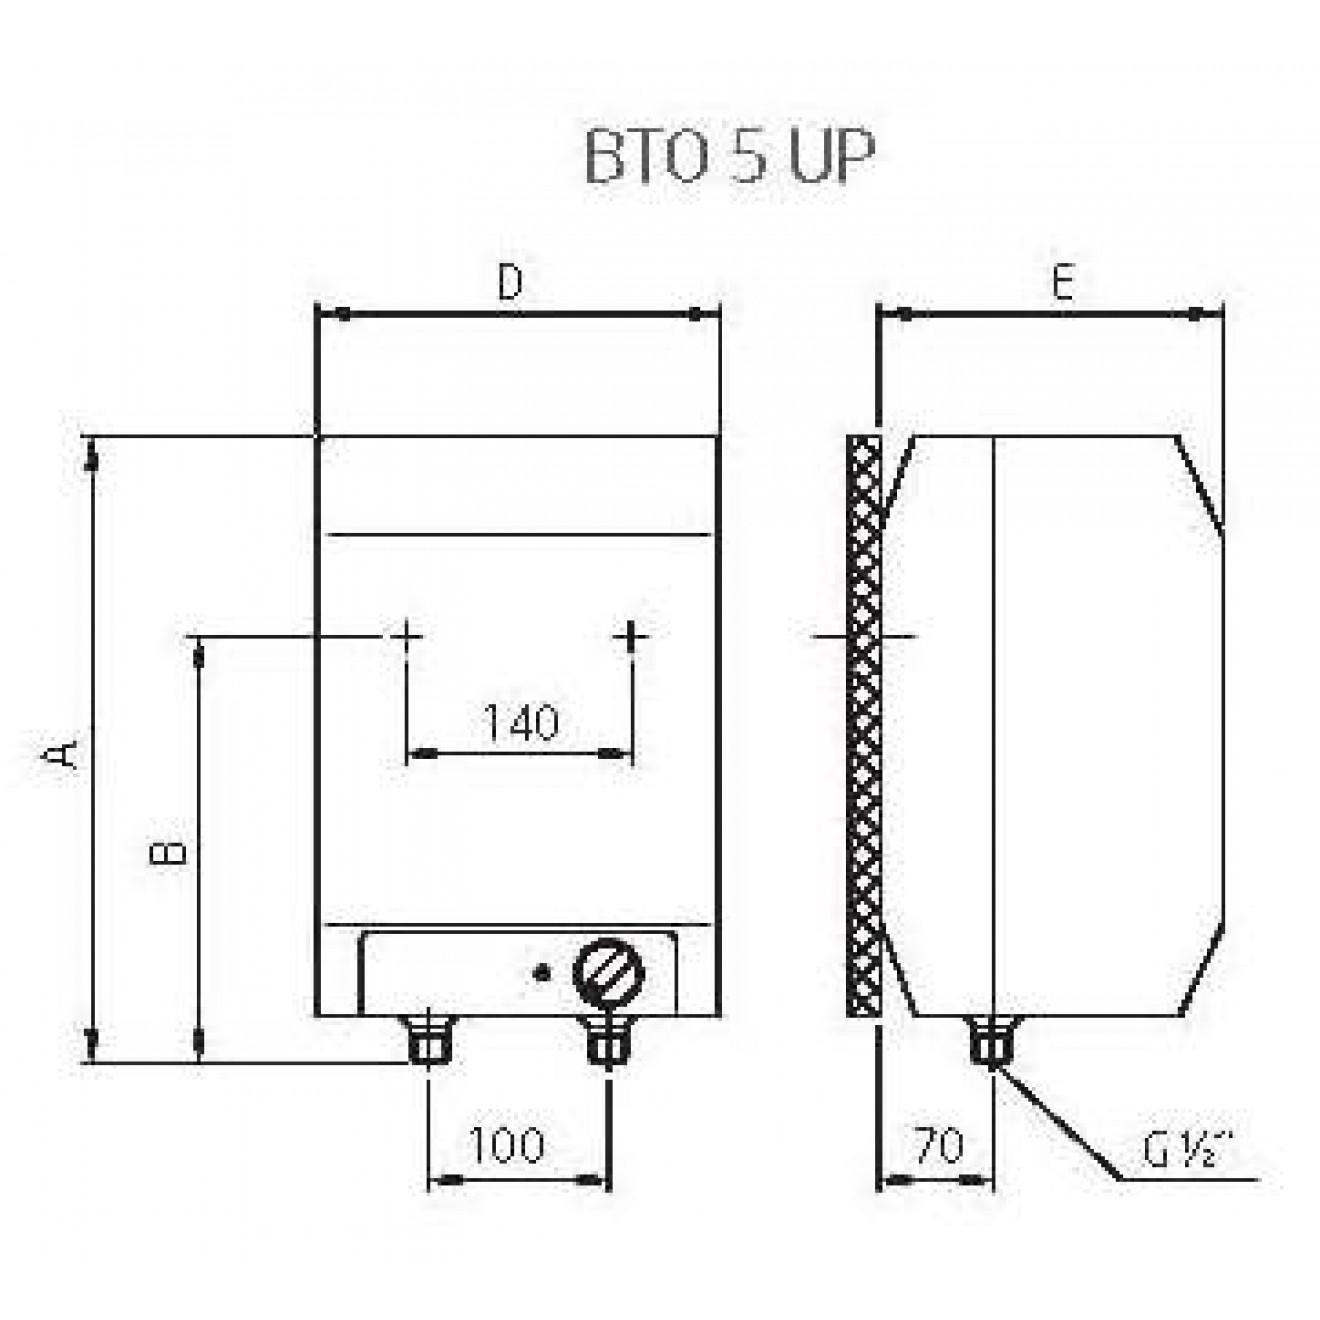 Berühmt Warmwasserspeicher System Diagramm Bilder - Elektrische ...